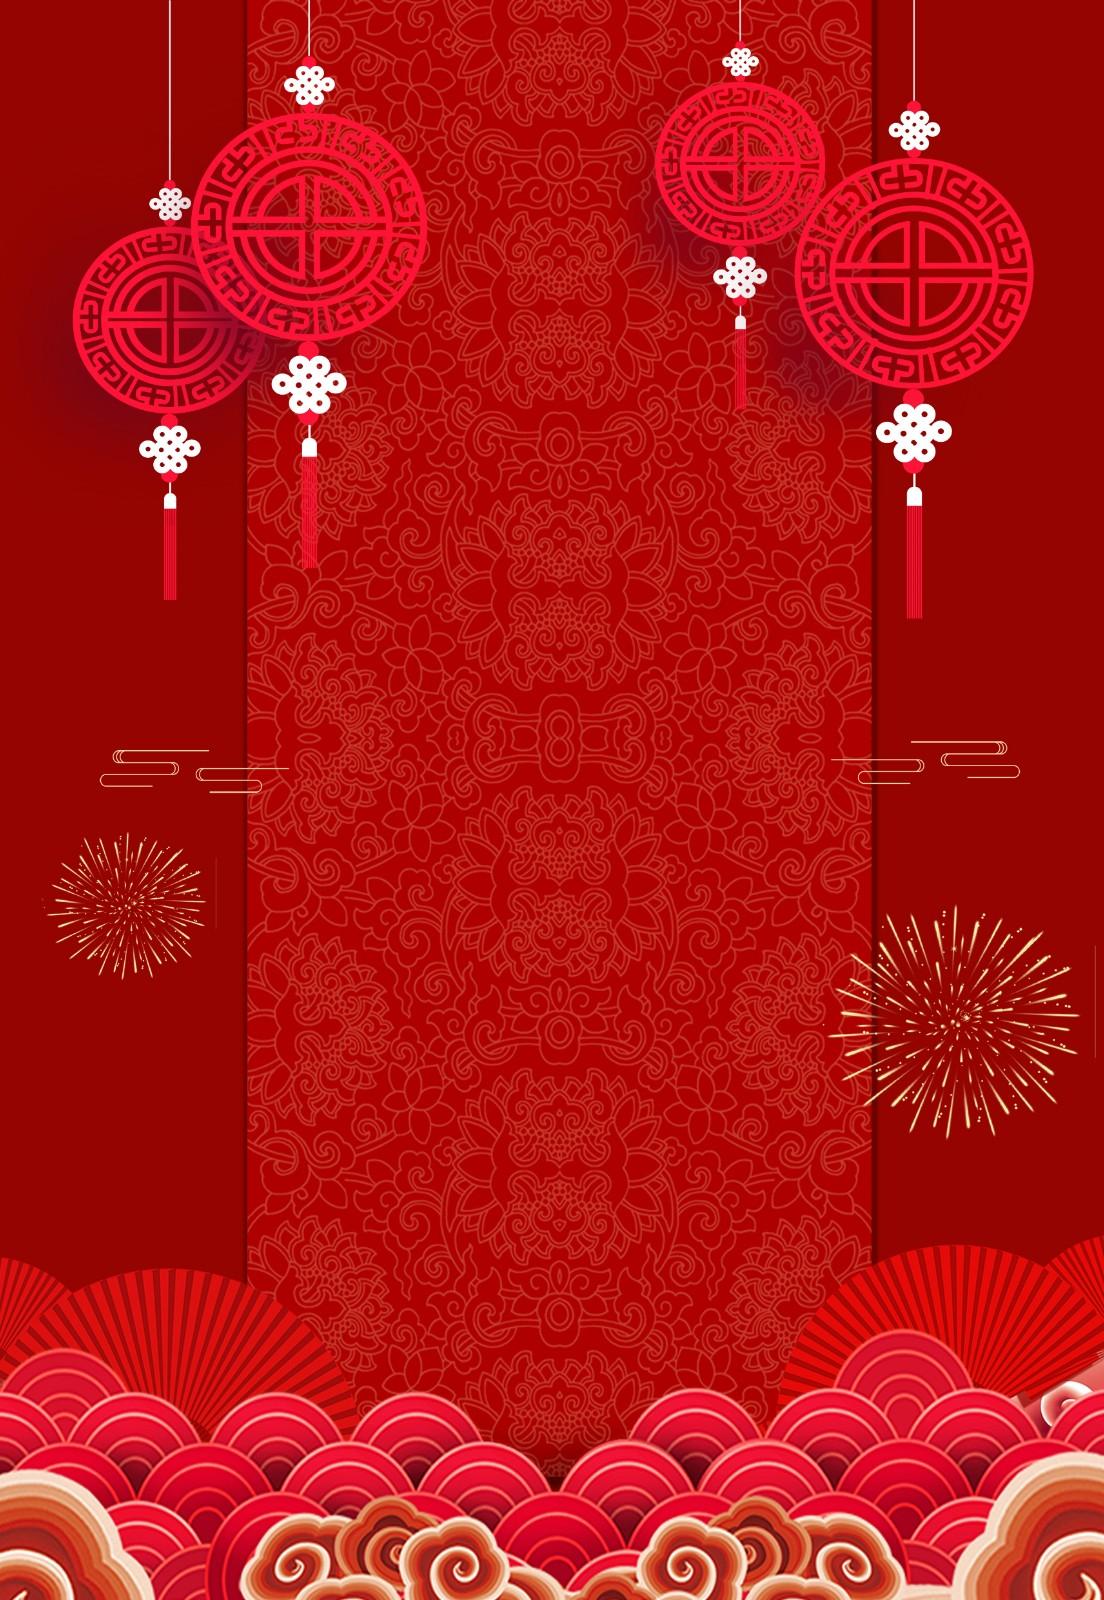 中国风灯笼烟花设计背景